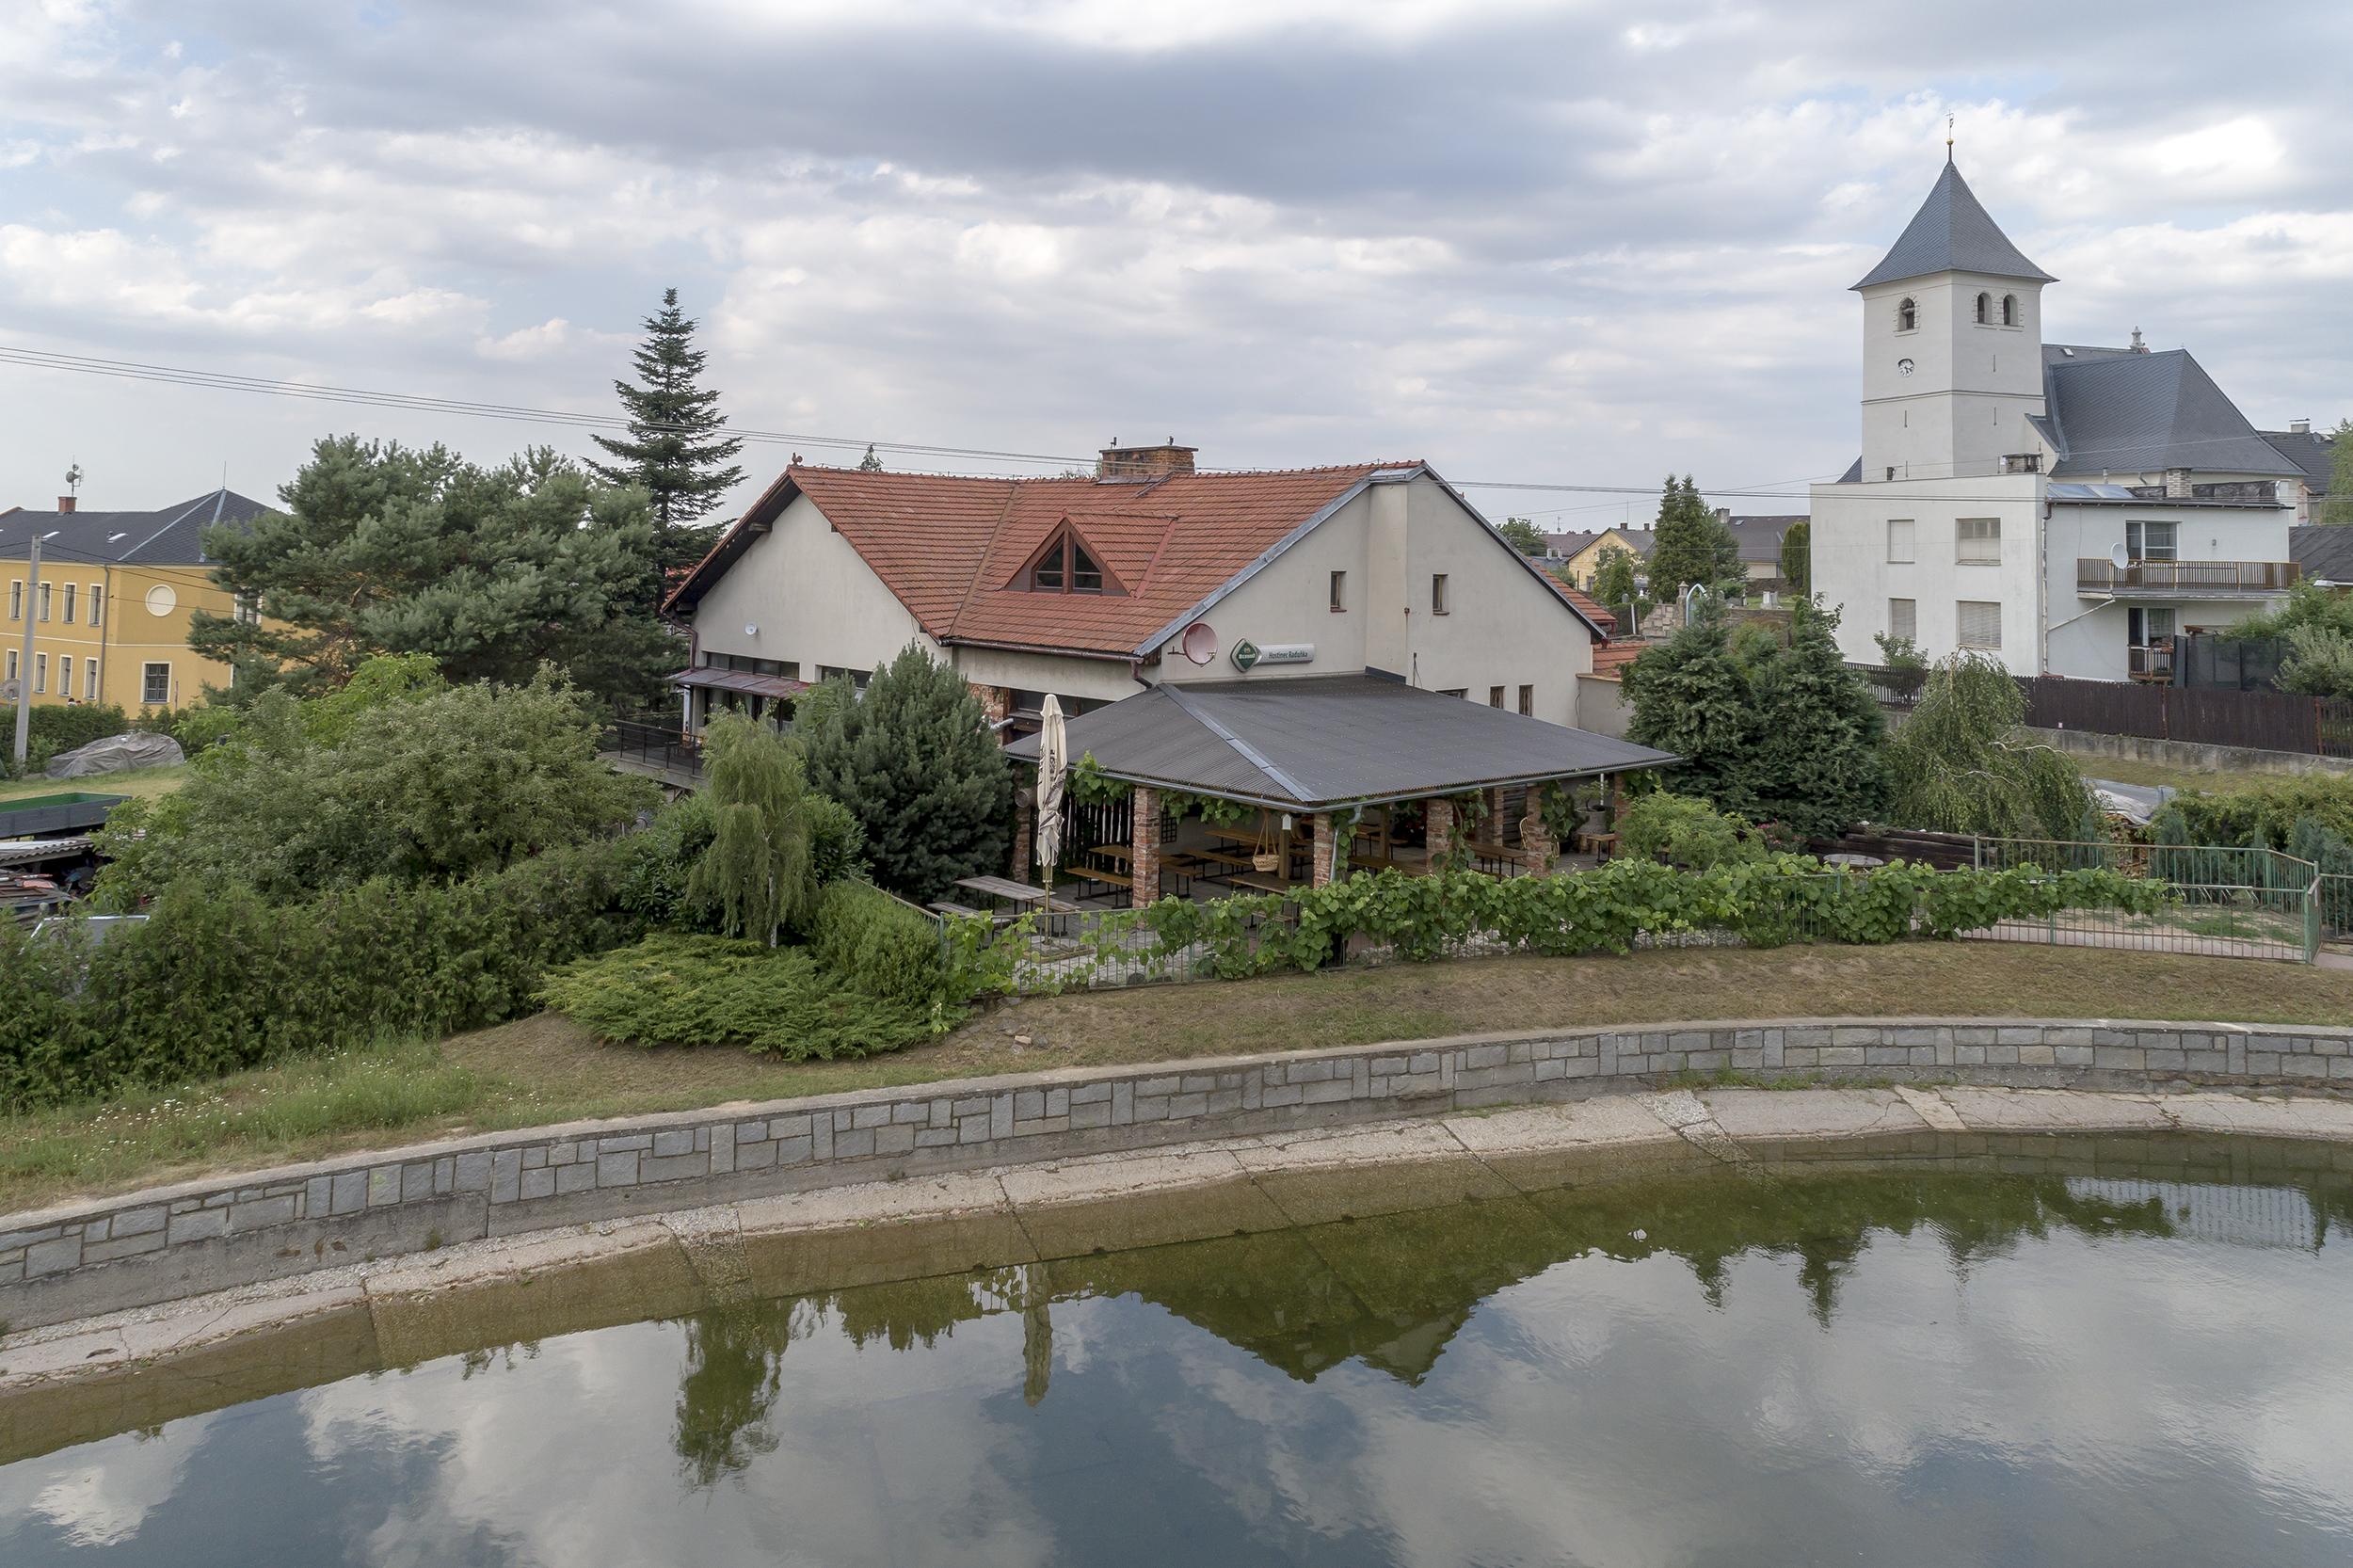 dum restaurace kostel voda rybnik strom zahrada plot strecha